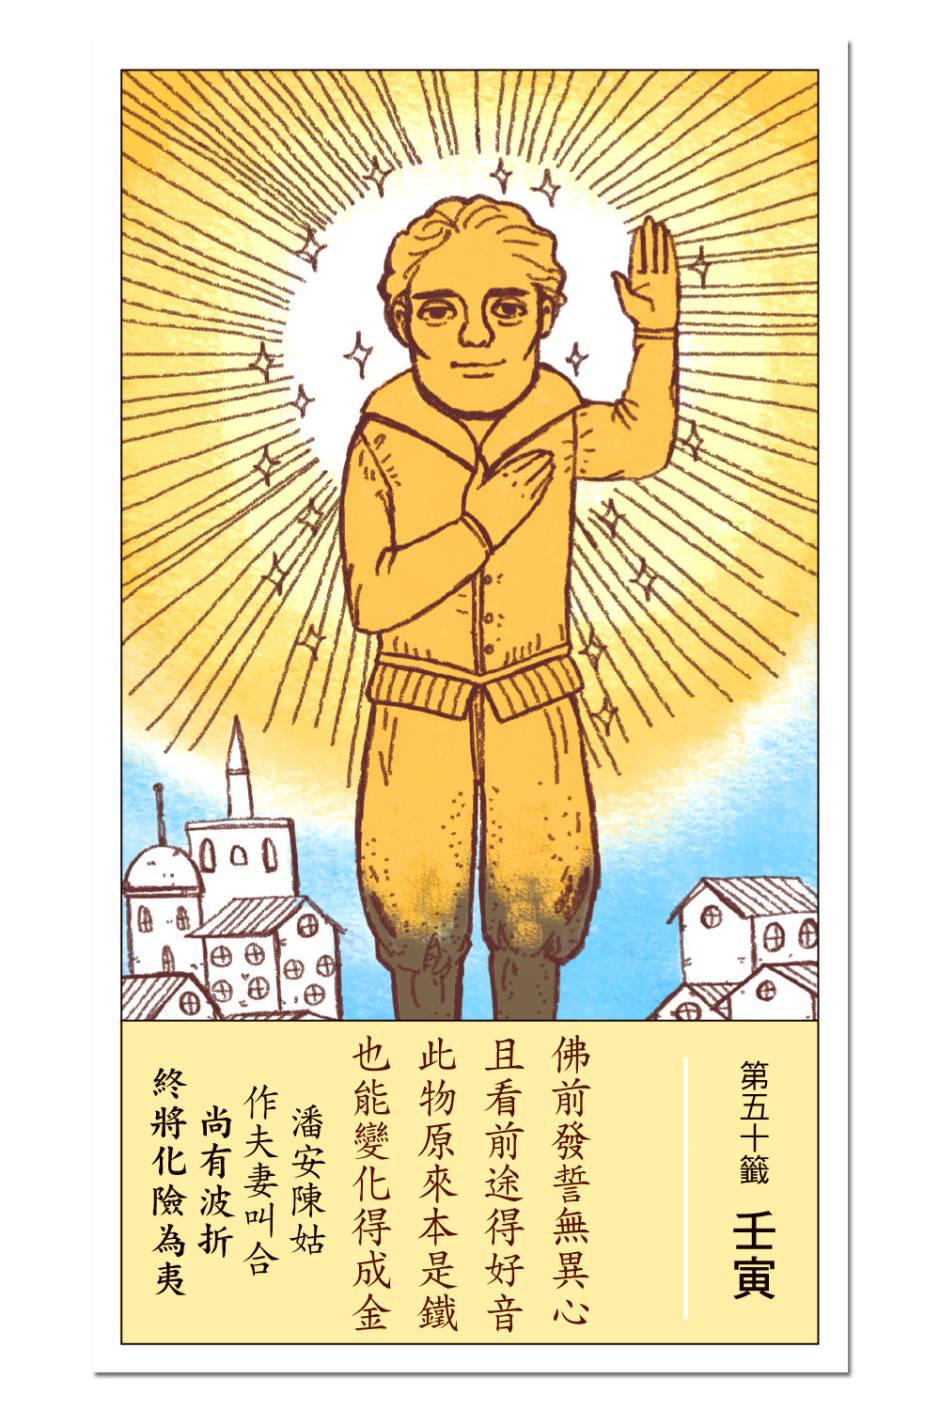 http://im1.book.com.tw/image/getImage?i=http://www.books.com.tw/img/001/076/25/0010762560_b_12.jpg&v=599ad27c&w=655&h=609